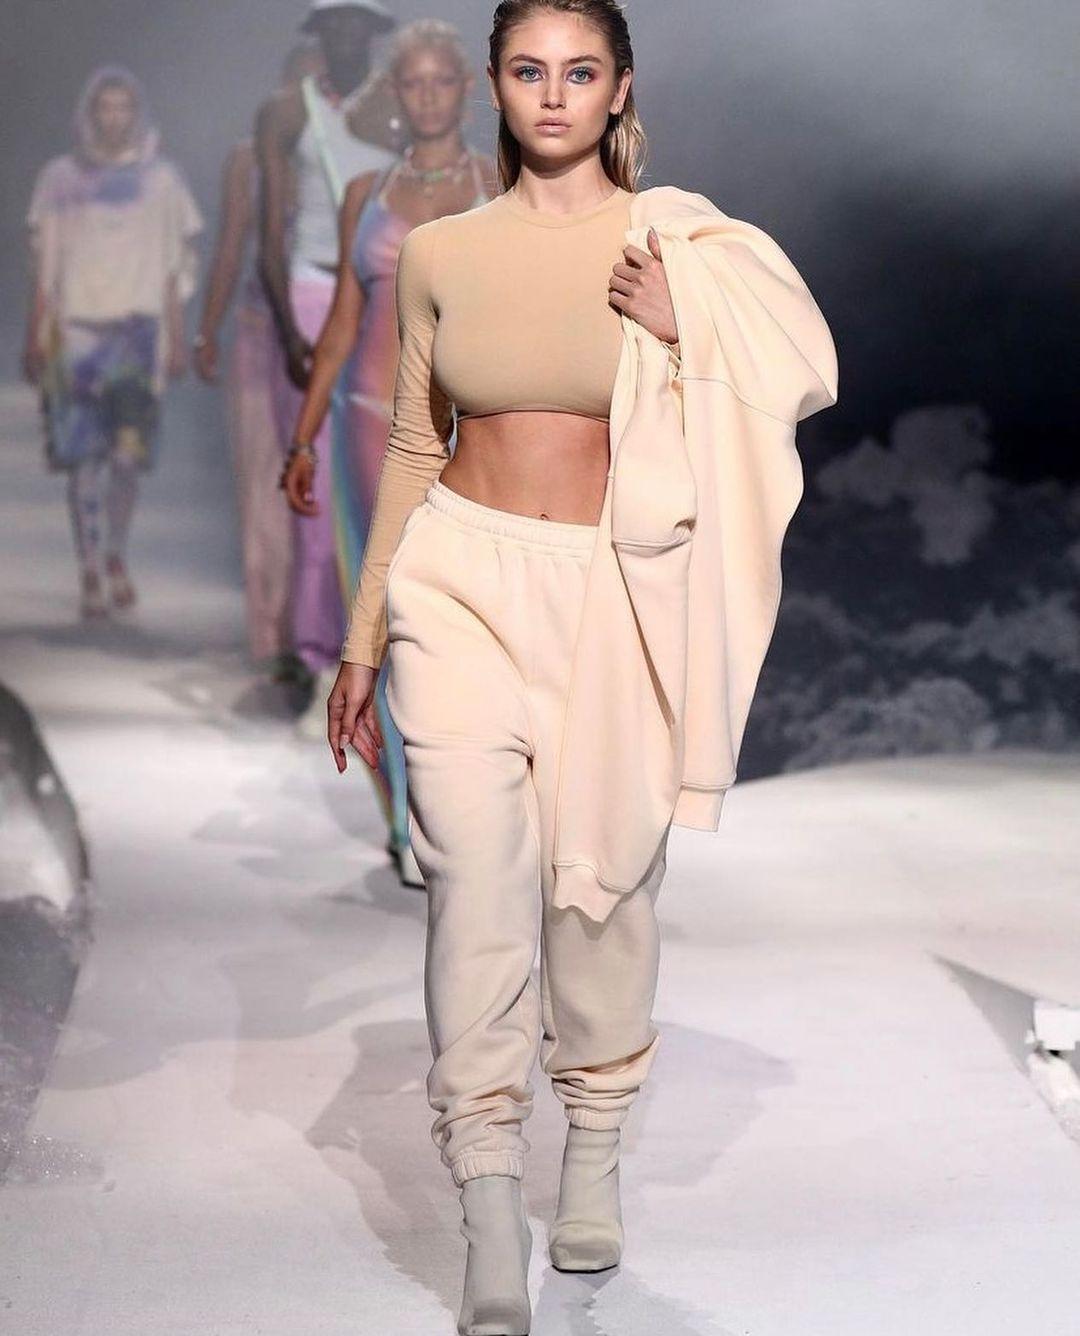 По маминым стопам: Дочка Хайди Клум презентовала собственную коллекцию одежды и сама поучаствовала в показе-Фото 2